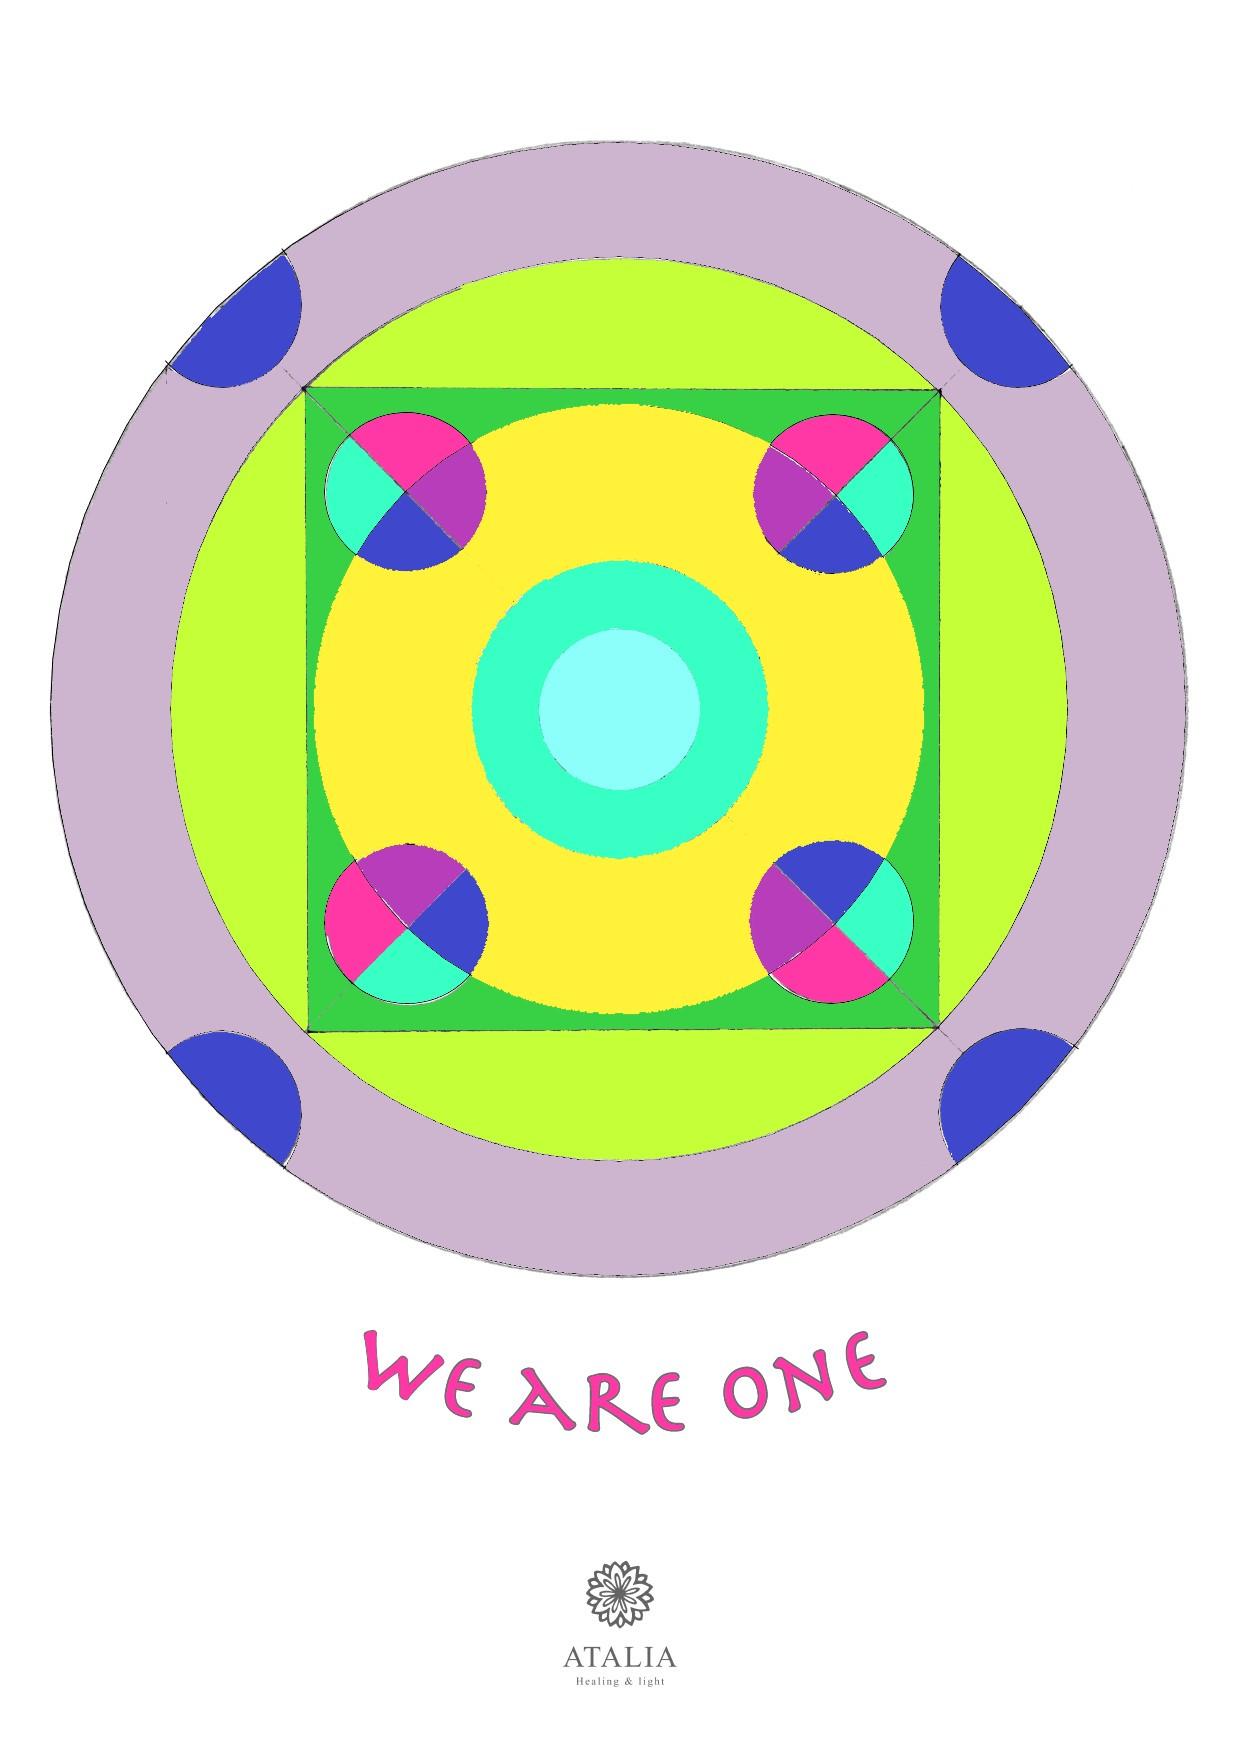 דפי מנדלות לצביעה - WE ARE ONE